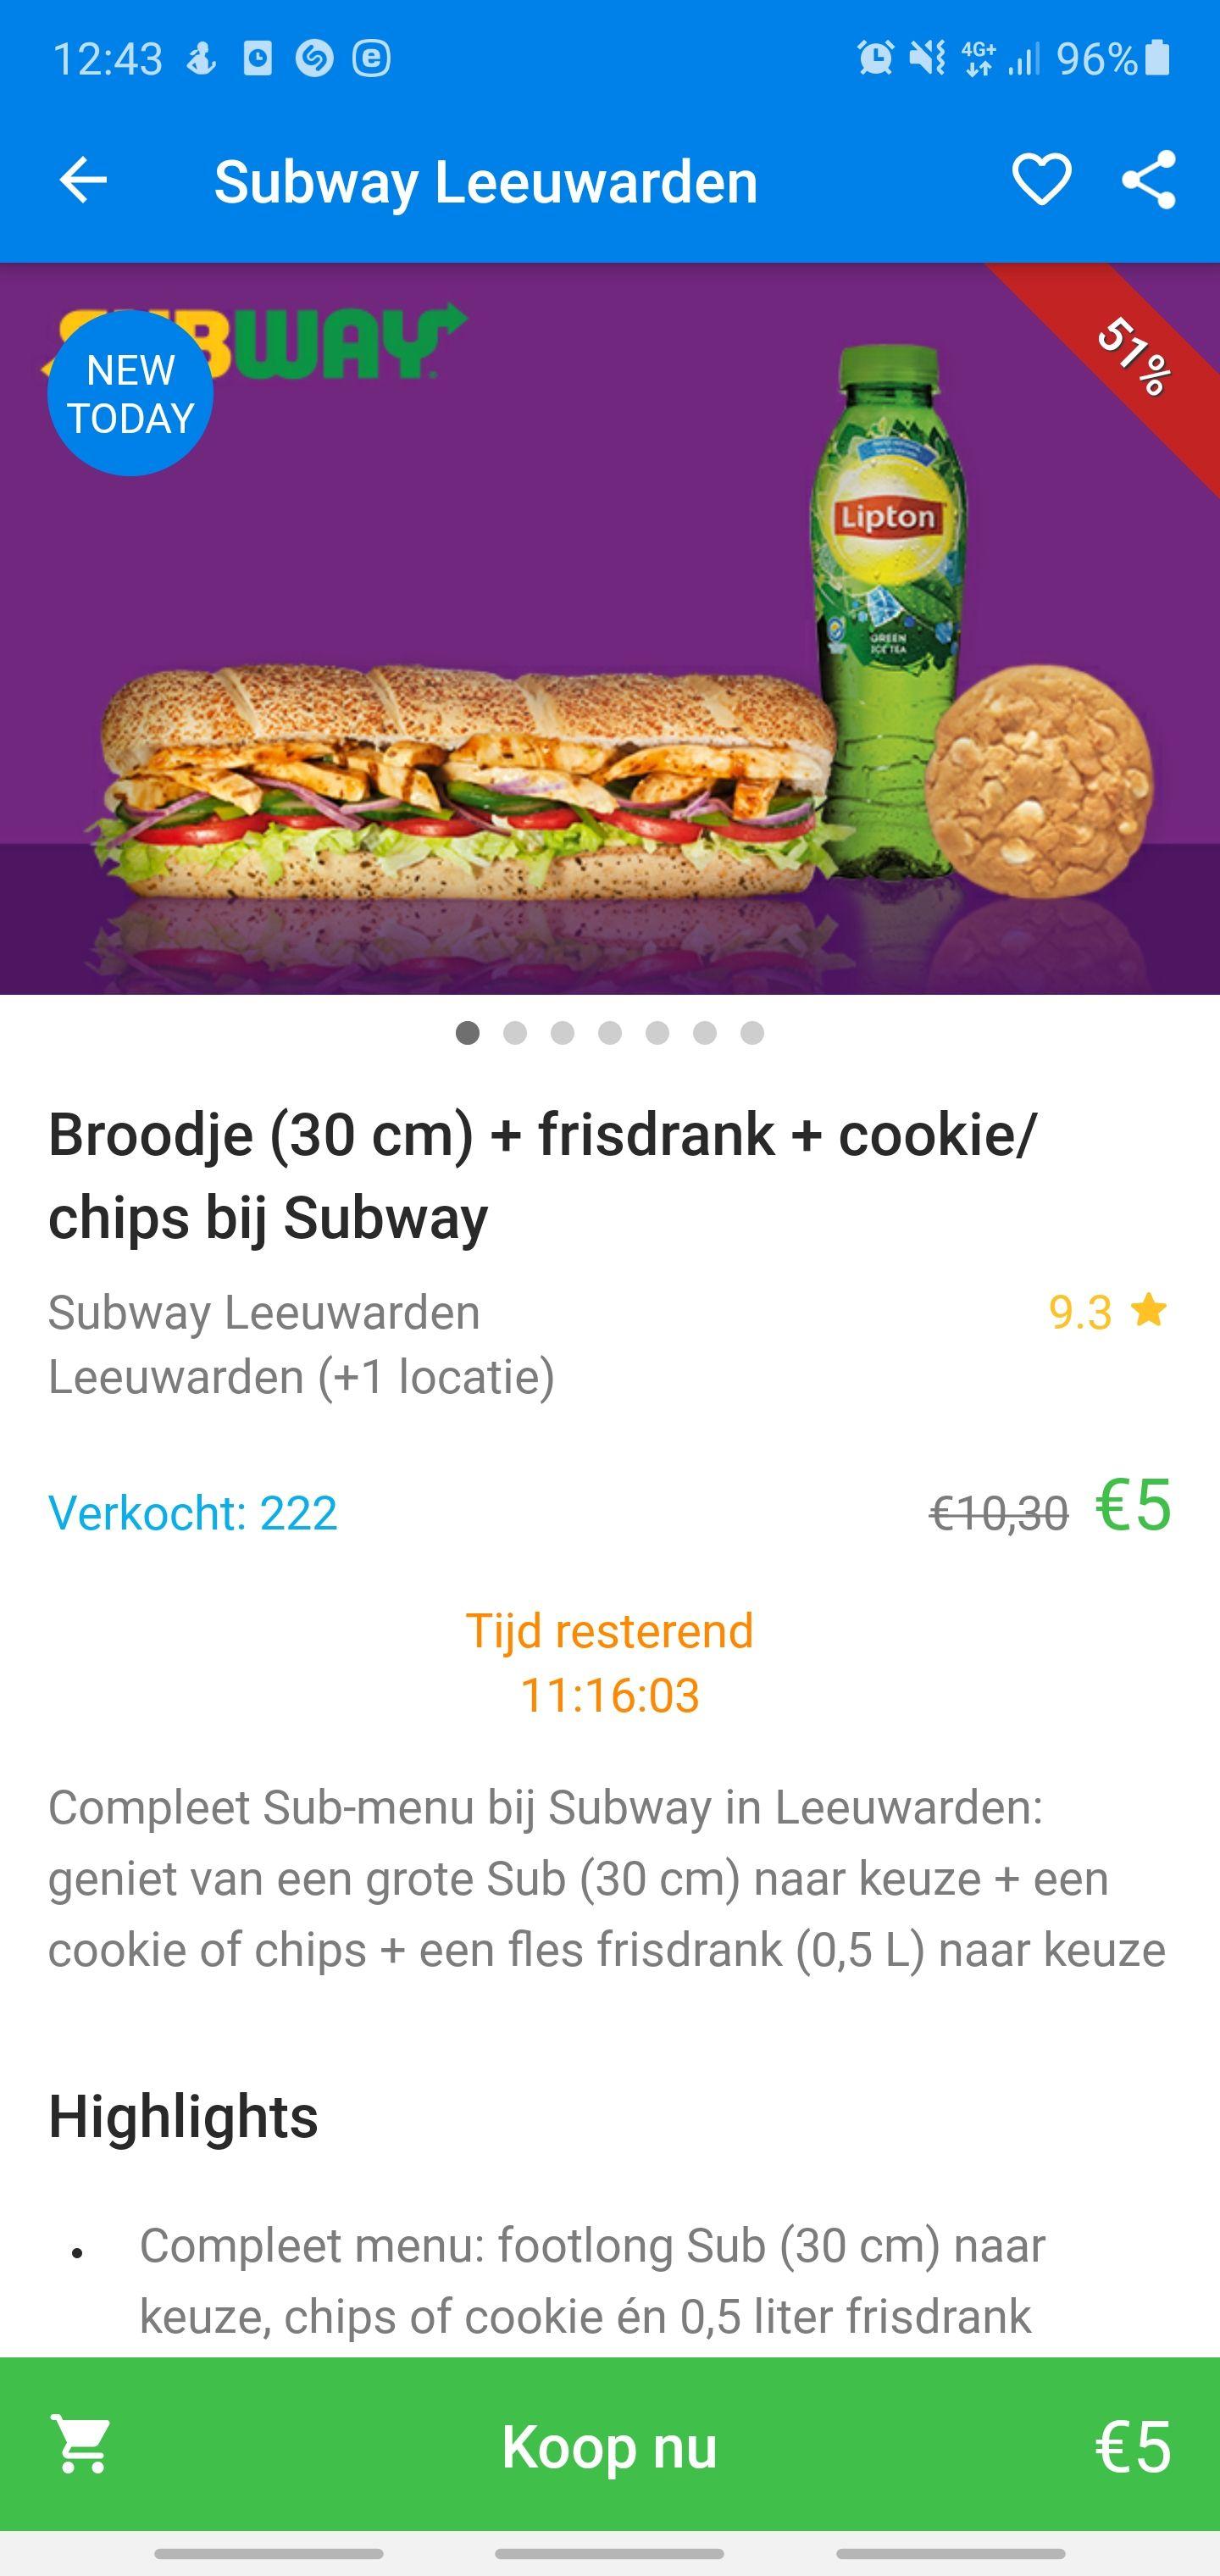 [Lokaal LEEUWARDEN] Subway footlong + cookie/chips + drankje voor €5!